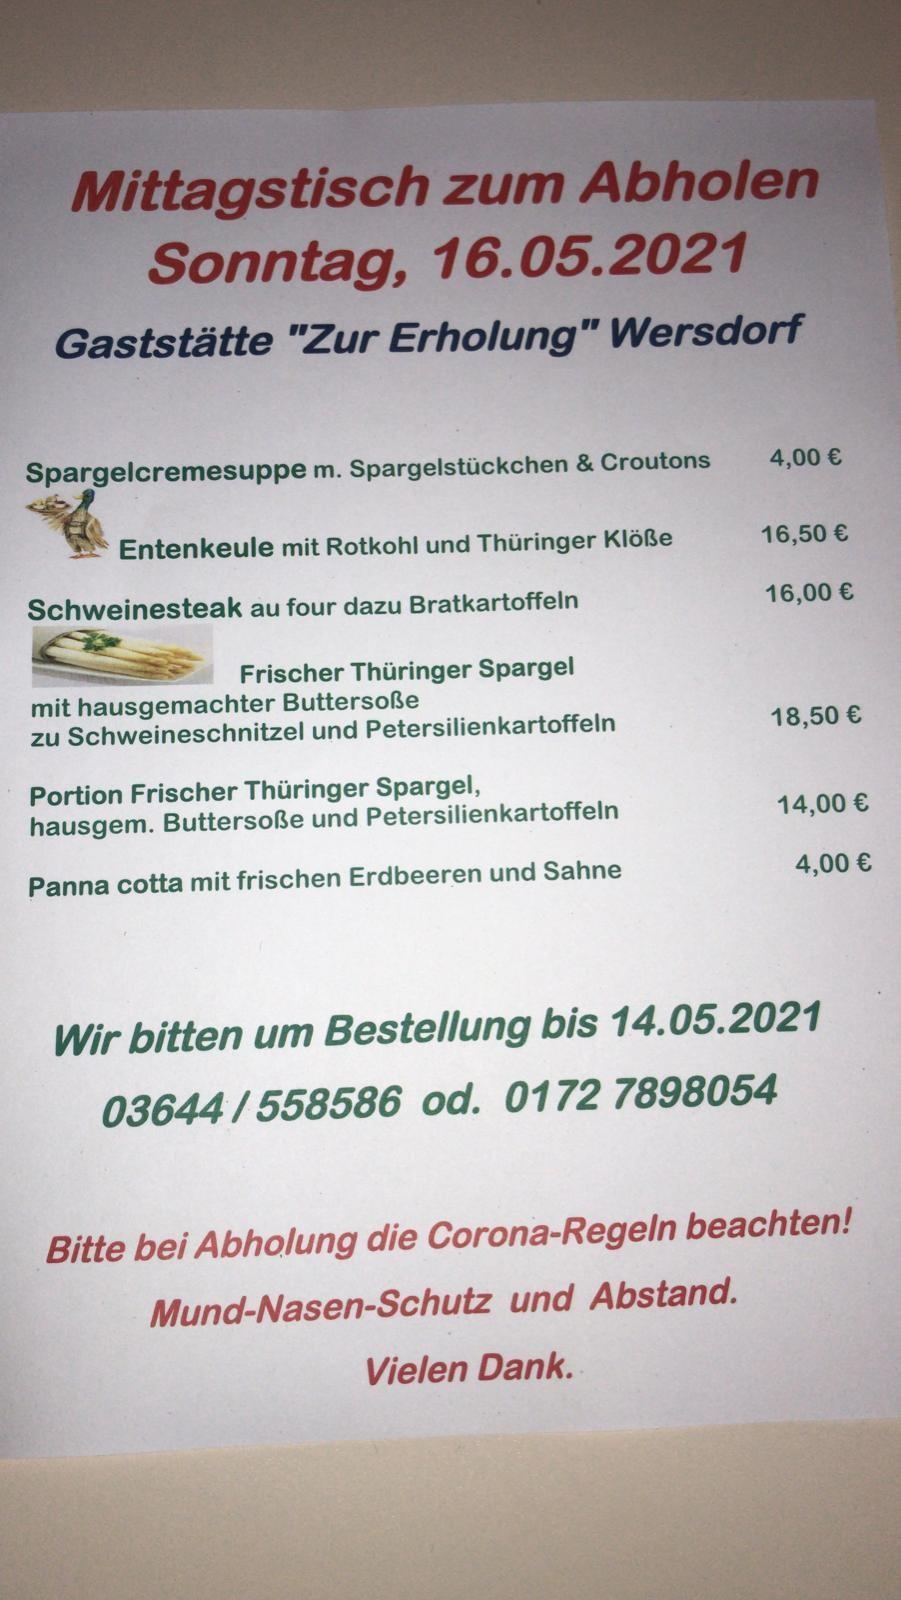 Gaststätte Zur Erholung - 16.05.2021